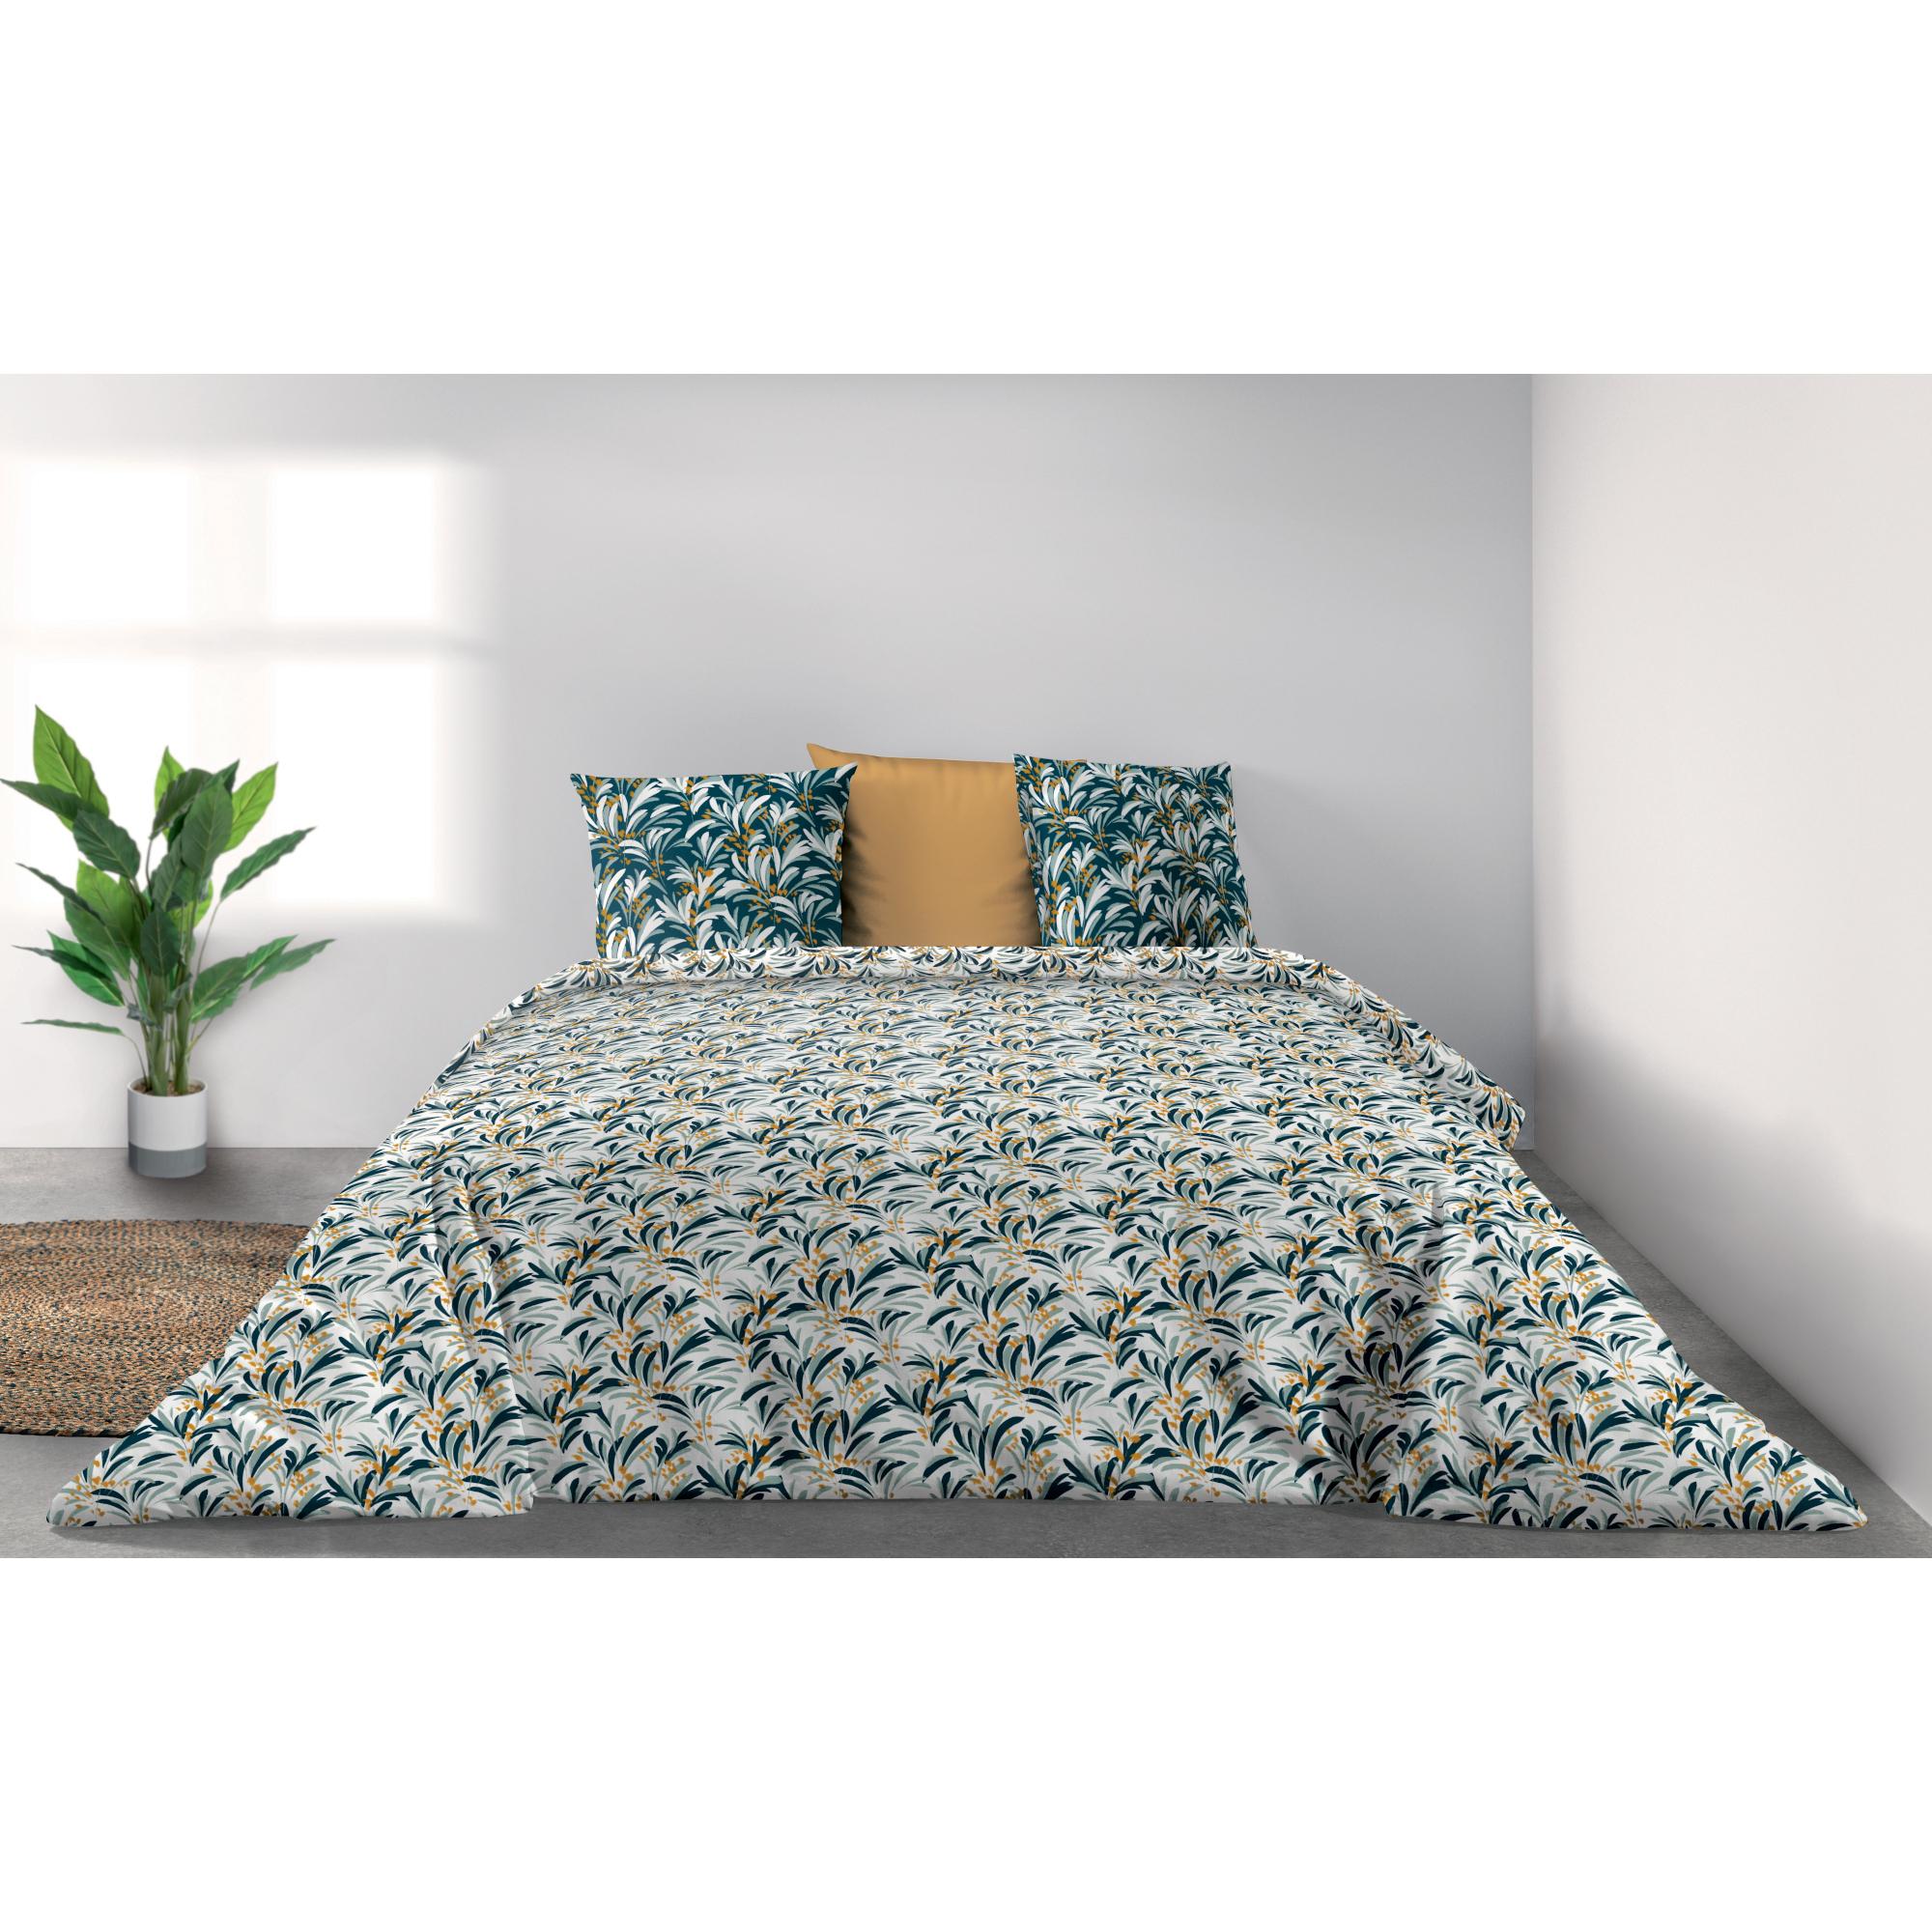 Parure de lit Bio 2 personnes Lola avec housse de couette et taies d'oreiller Imprimé 260 x 240